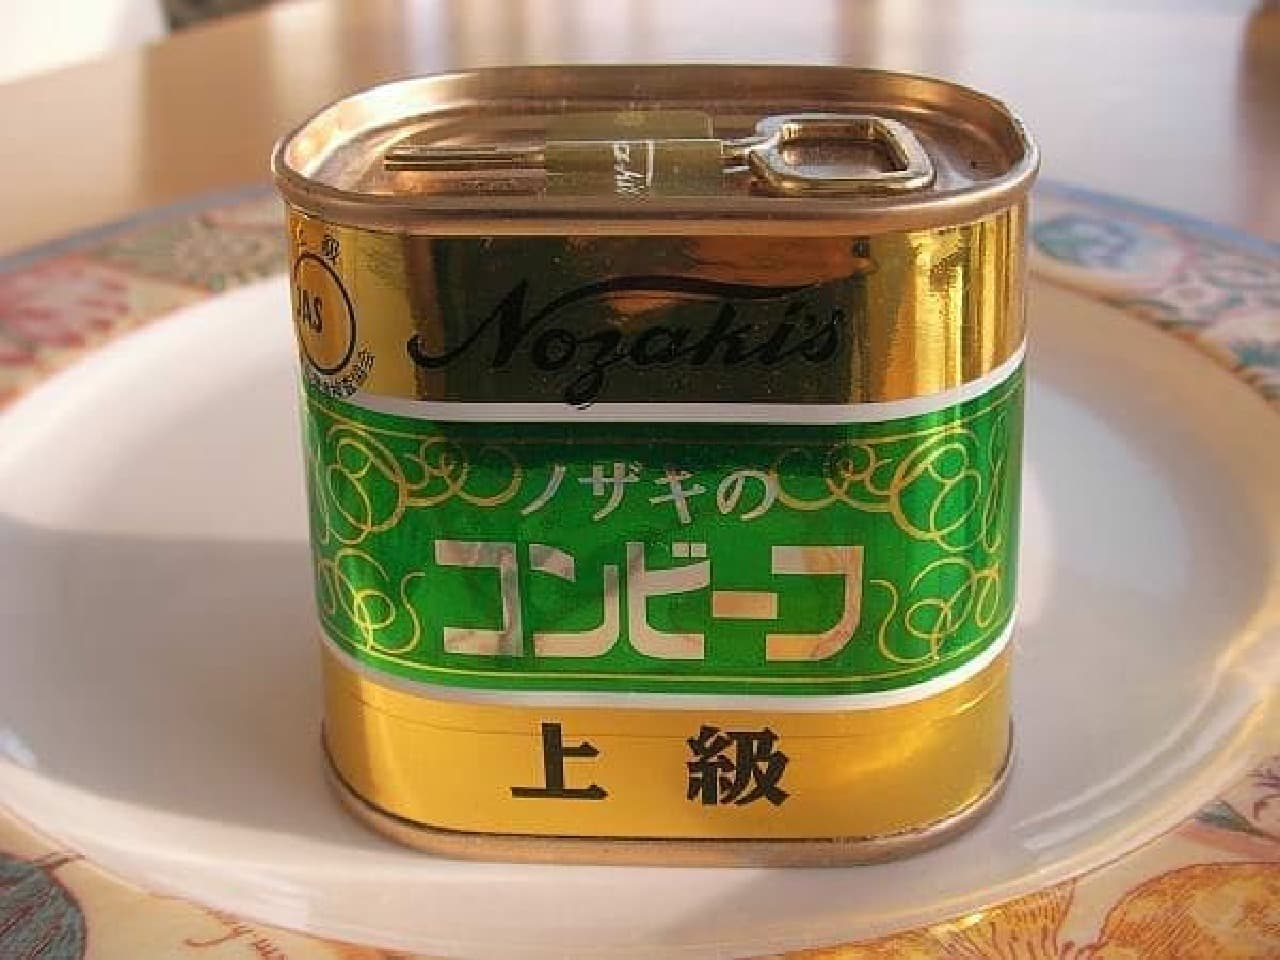 1缶1,000円の「ノザキのコンビーフ『上級』」  金のパッケージがまぶしい!